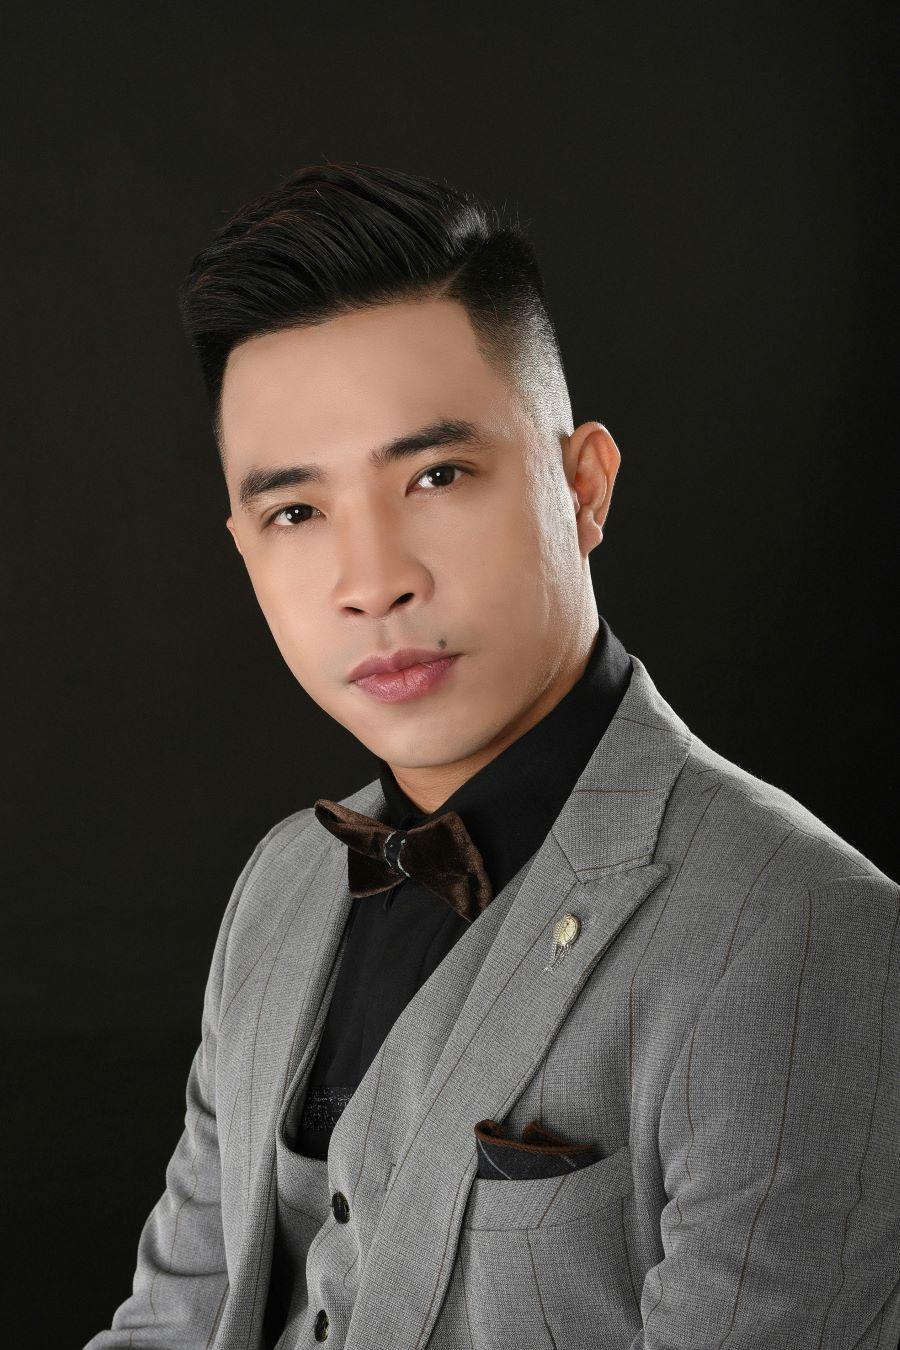 Chân dung Giám đốc điều hành của 5 doanh nghiệp thuộc nhiều lĩnh vực tại Việt Nam